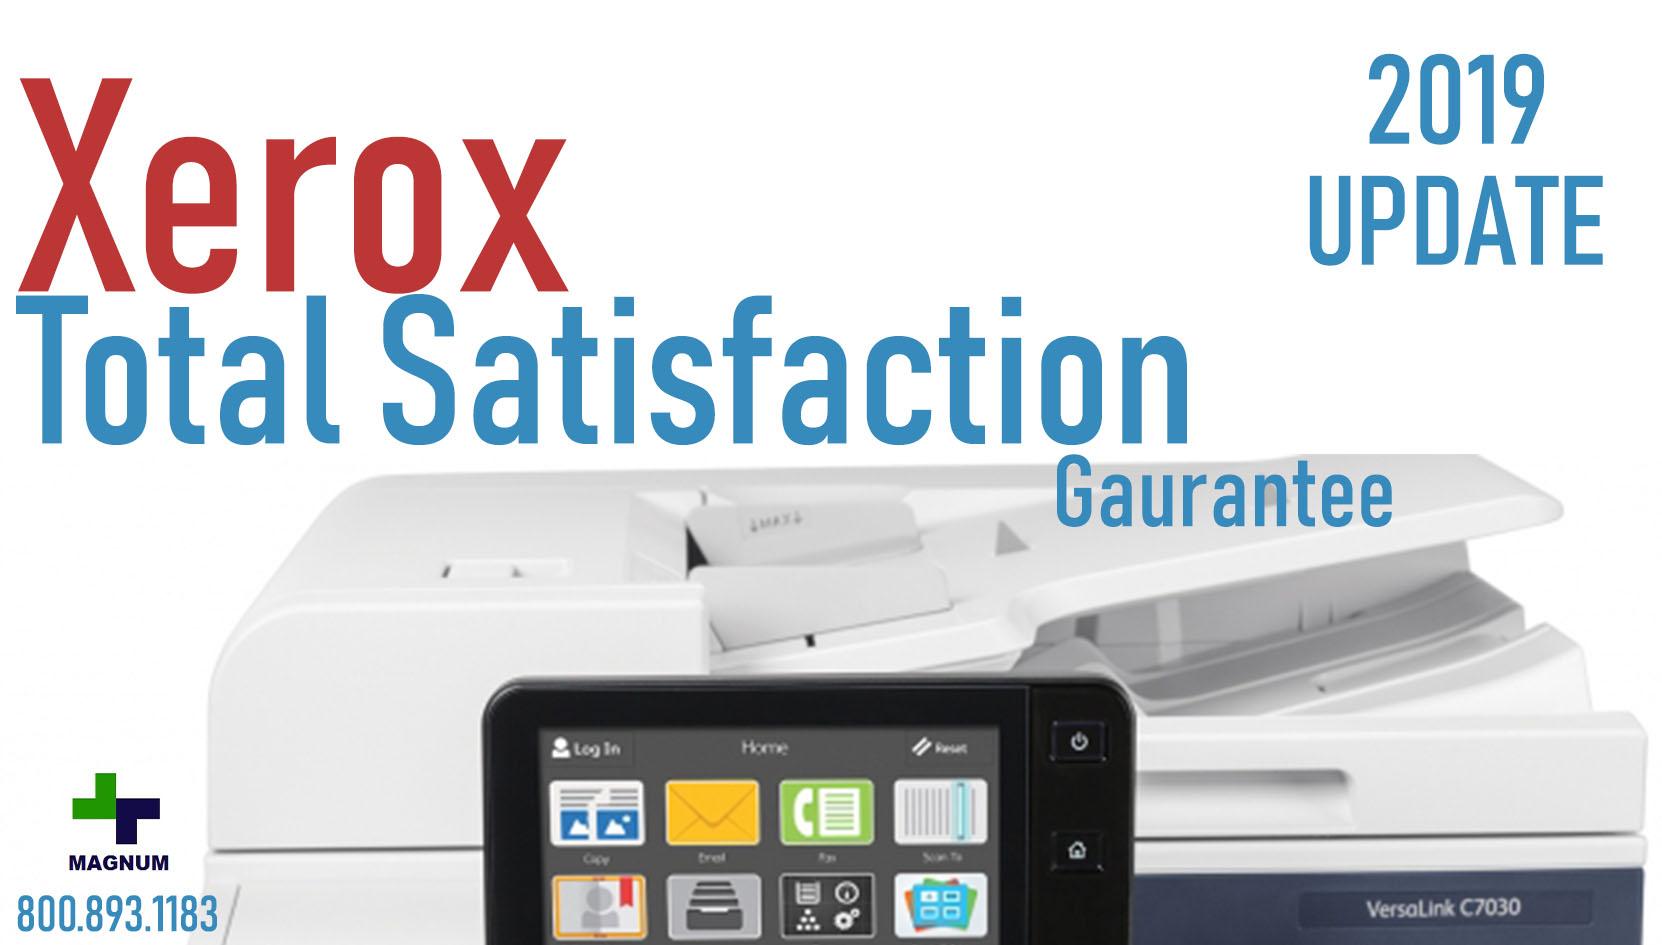 2019 Xerox Total Satisfaction Guarantee Update